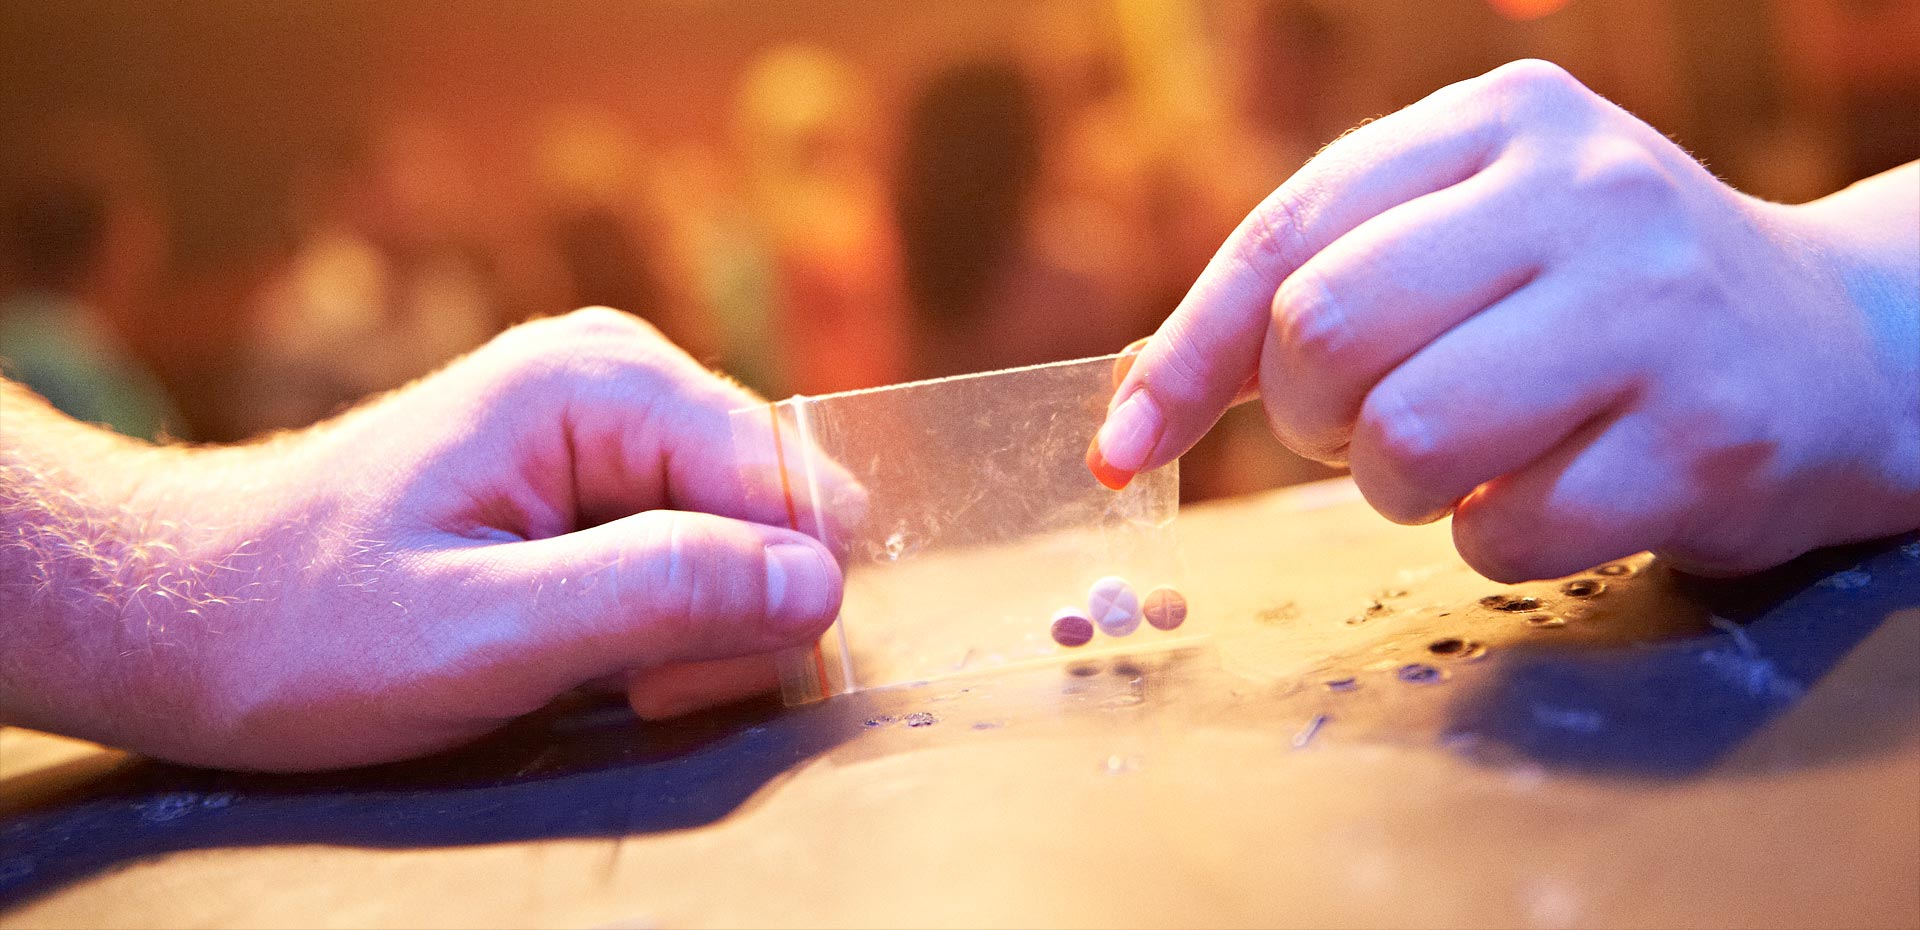 Hände in Großaufnahme, die Pillen in Beutel übergeben